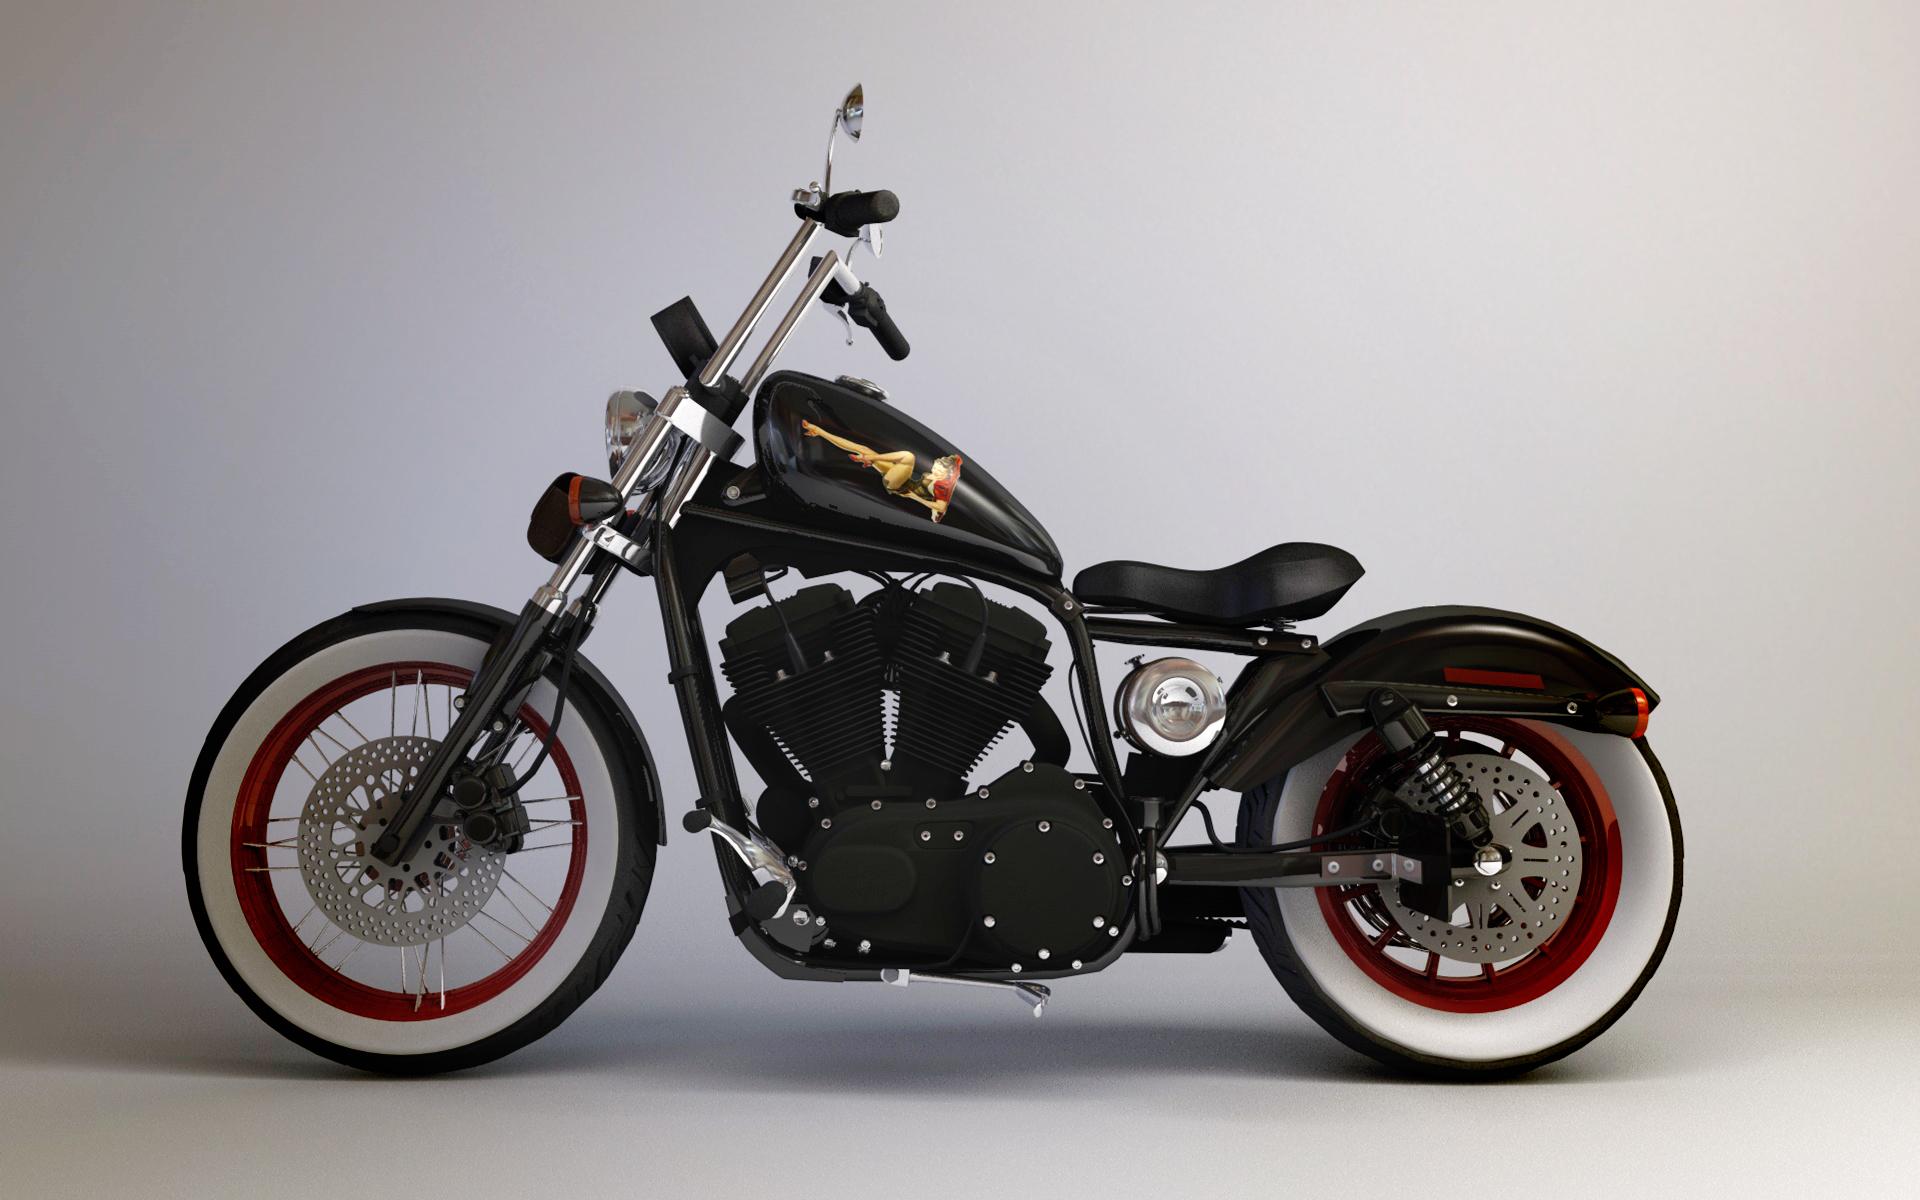 Harley davidson 883 custom wallpaper 365514 for Custom wallpaper